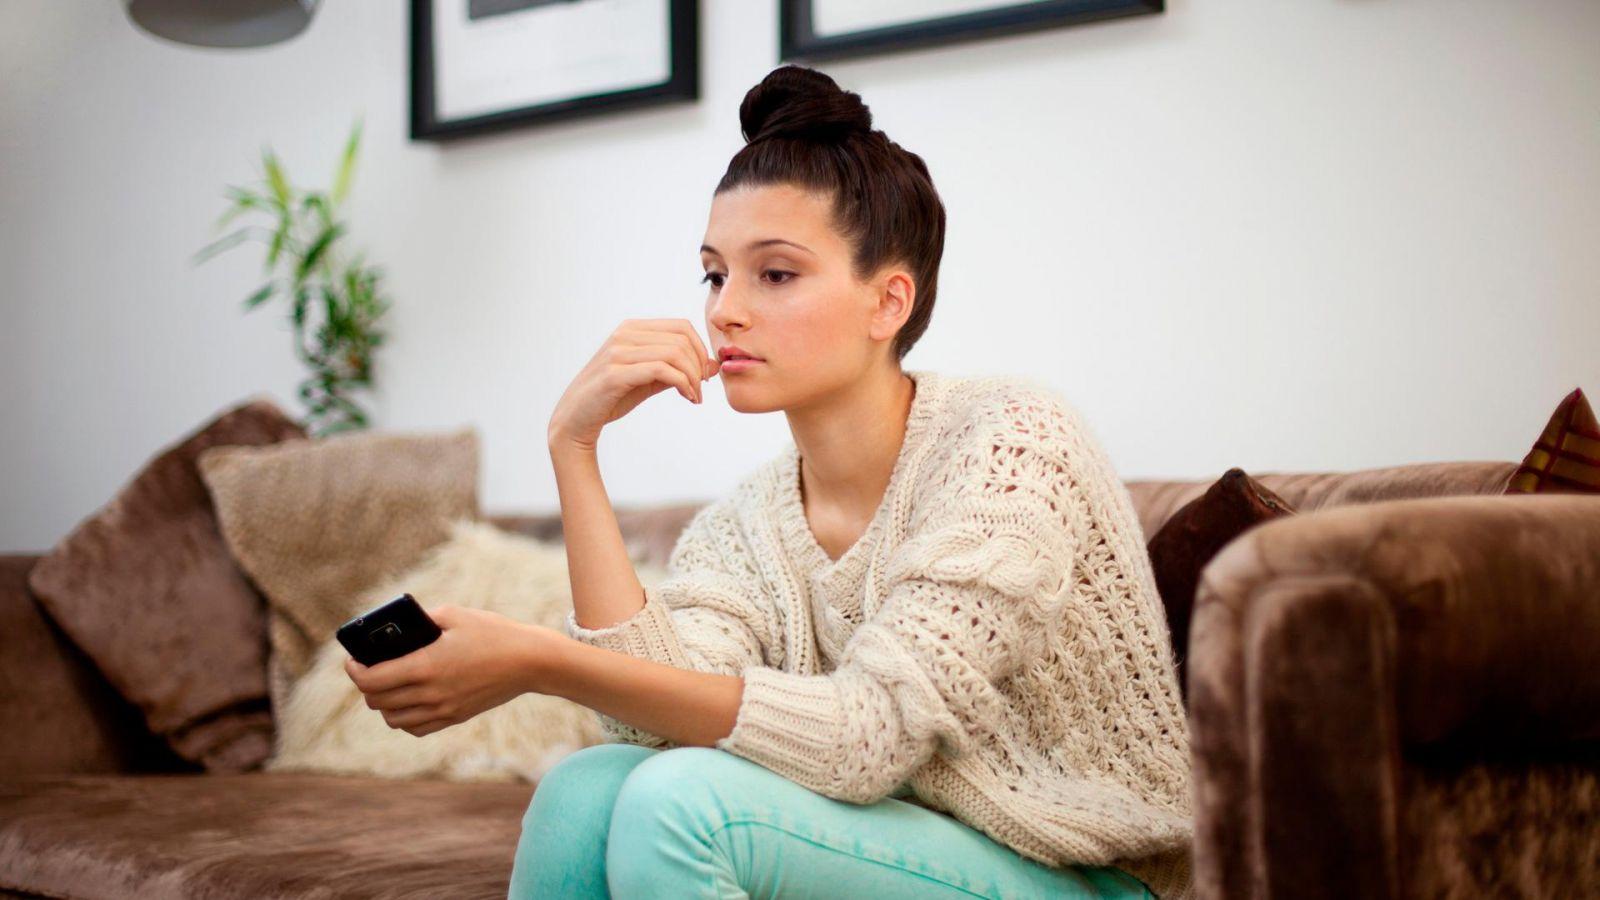 Как пережить расставание: реальные советы экстрасенса - фото №3